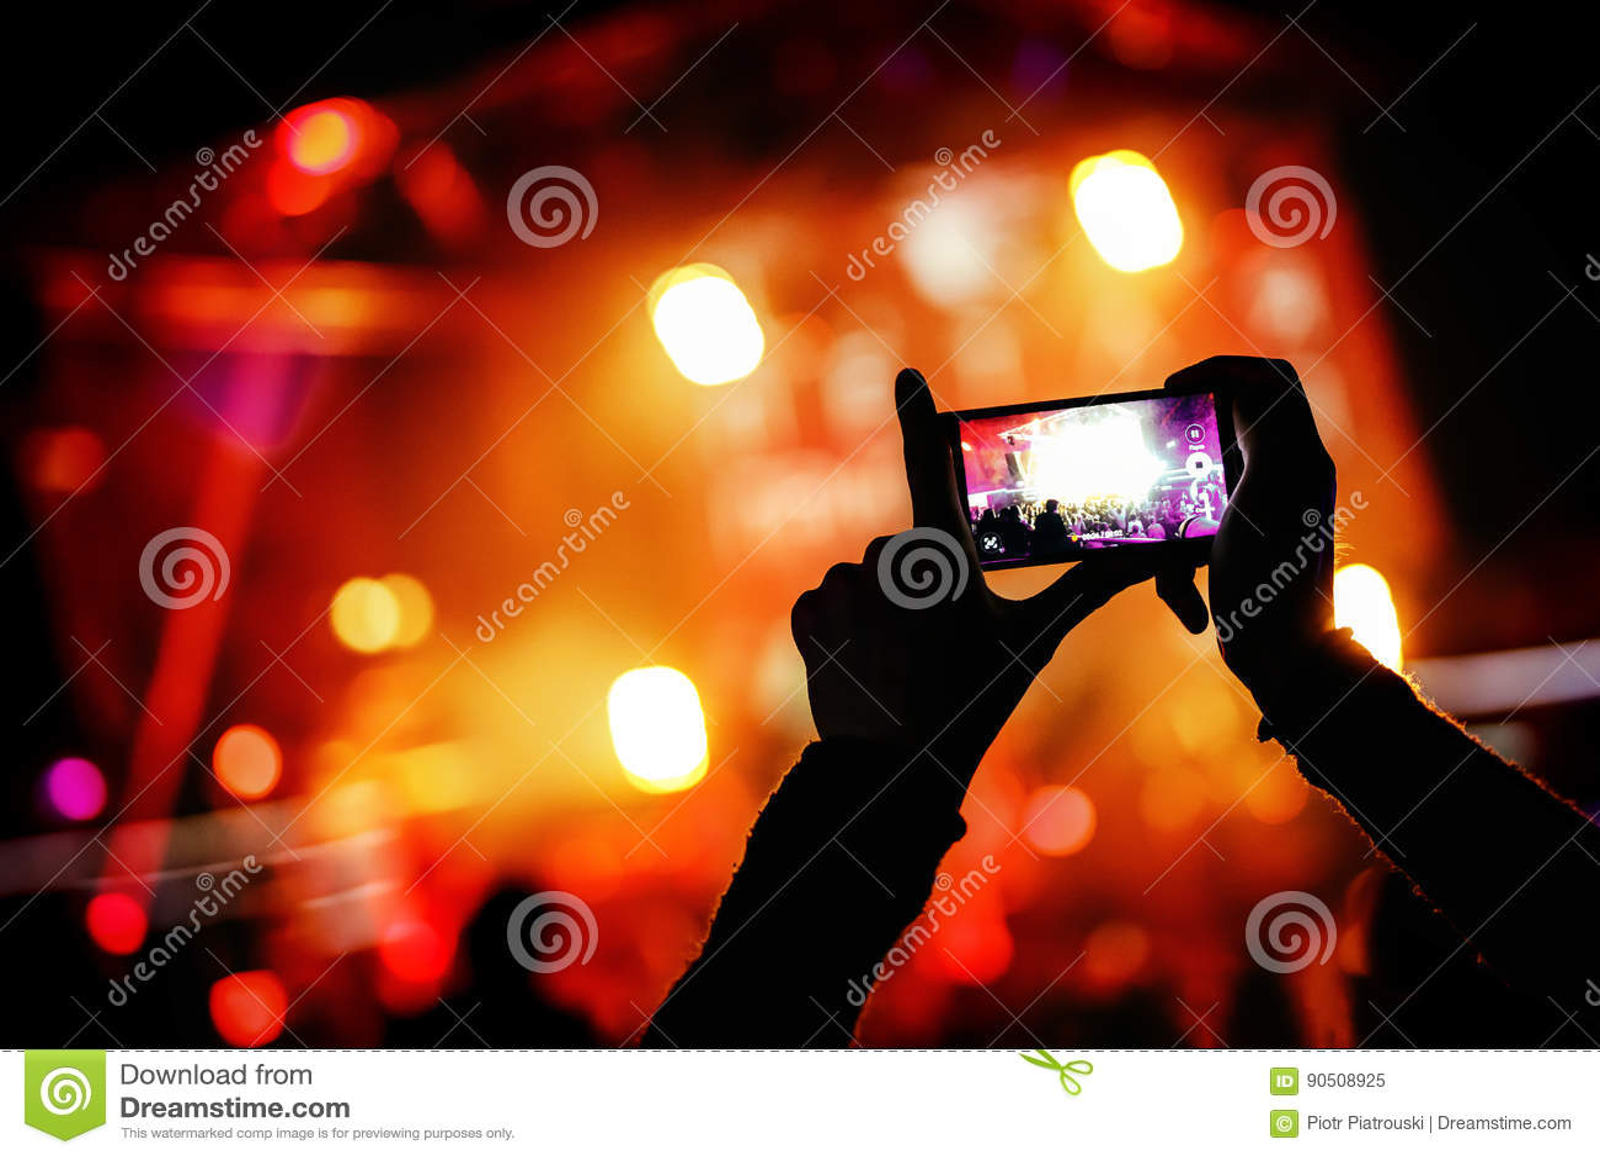 有智能手机的手记录实况音乐节日,生活音乐会,在阶段的展示